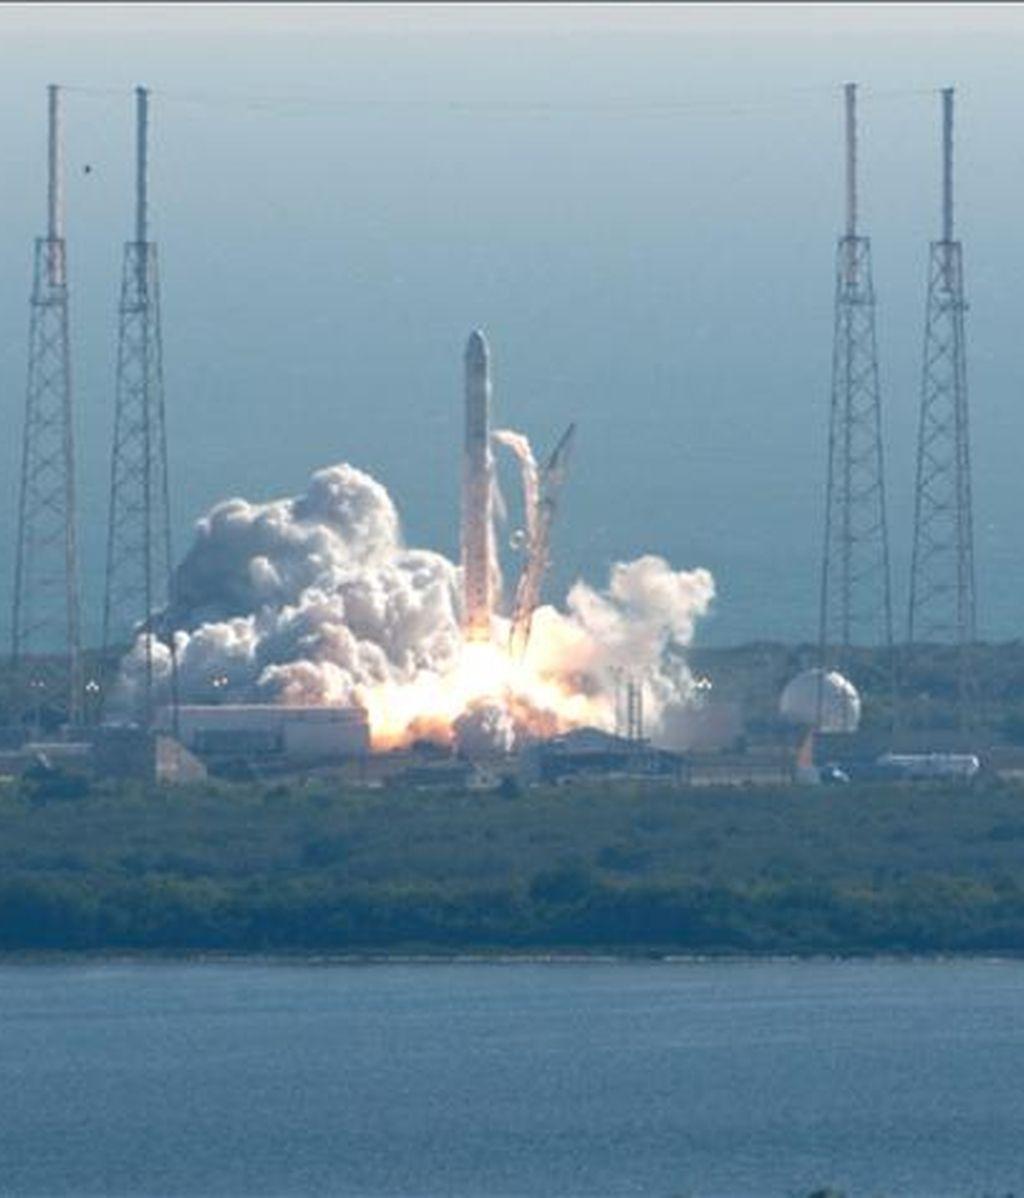 Falcon 9, un cohete privado desarrollado por la empresa SpaceX con el apoyo de la NASA, es lanzado desde una plataforma de lanzamiento en Cabo Cañaveral, en Florida, Estados Unidos, este 8 de diciembre. EFE